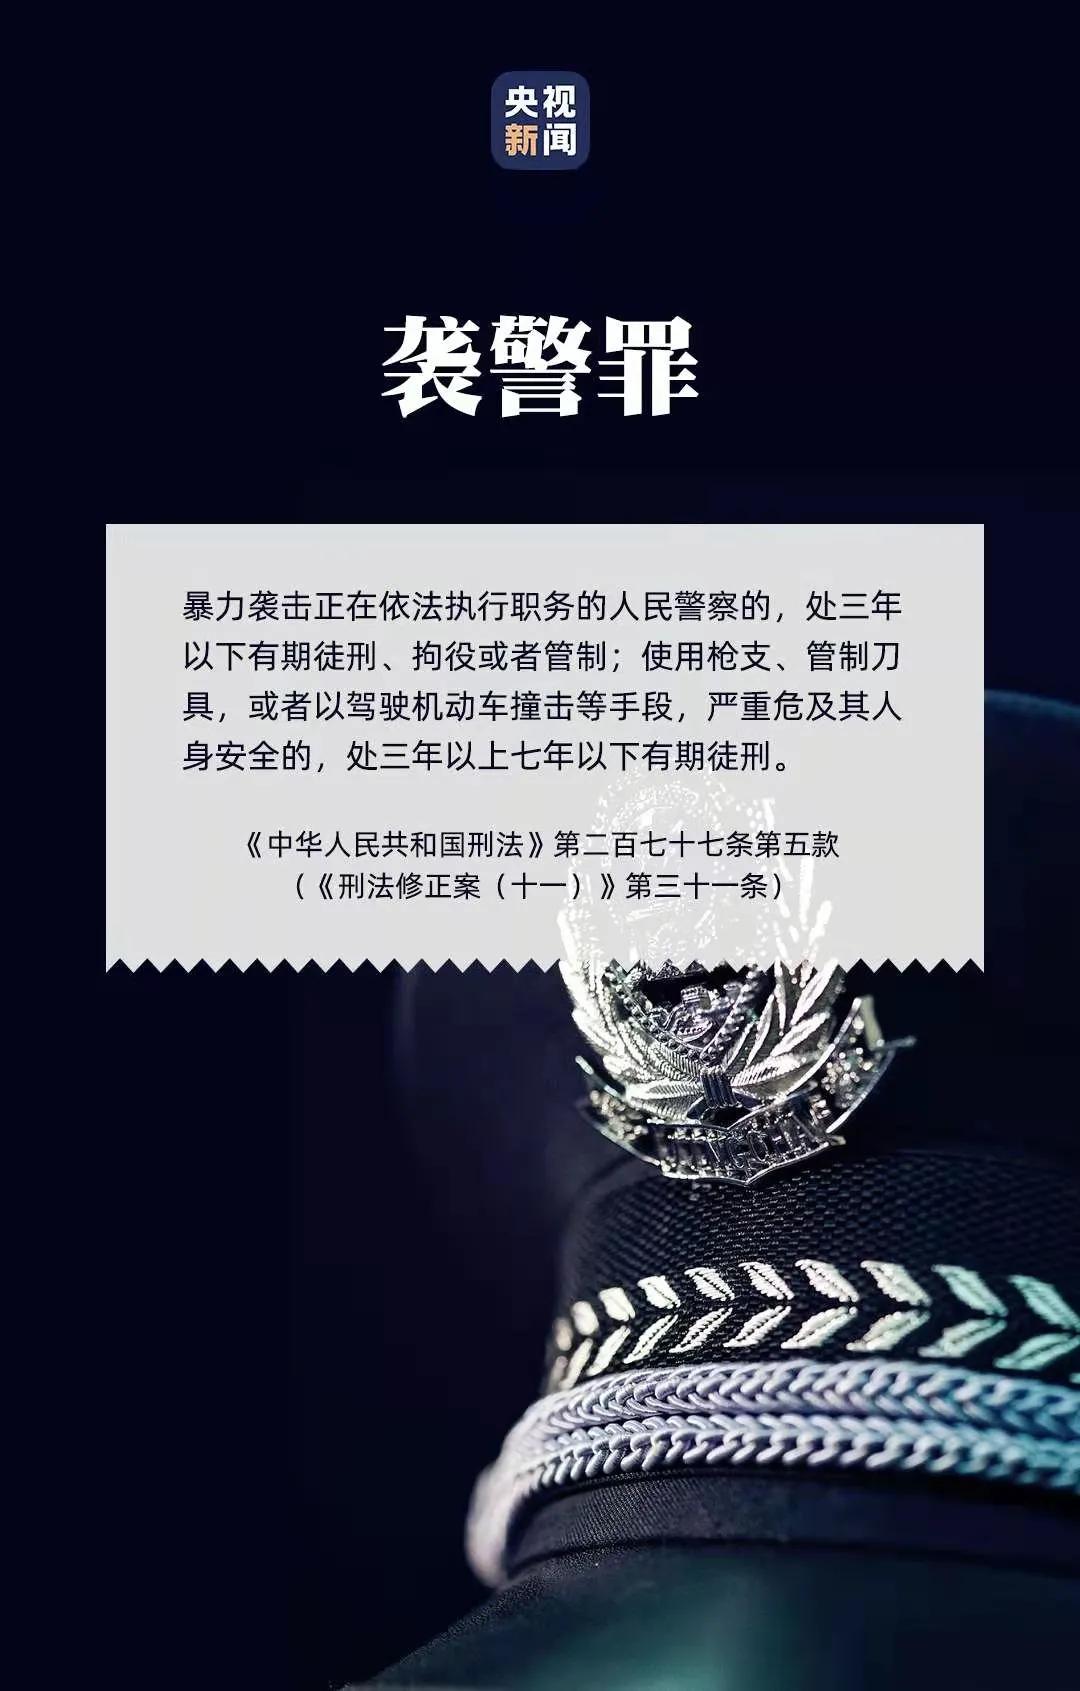 桂林第一人:男子酒驾被查抗拒抽血并踢伤民警,已立案、被拘